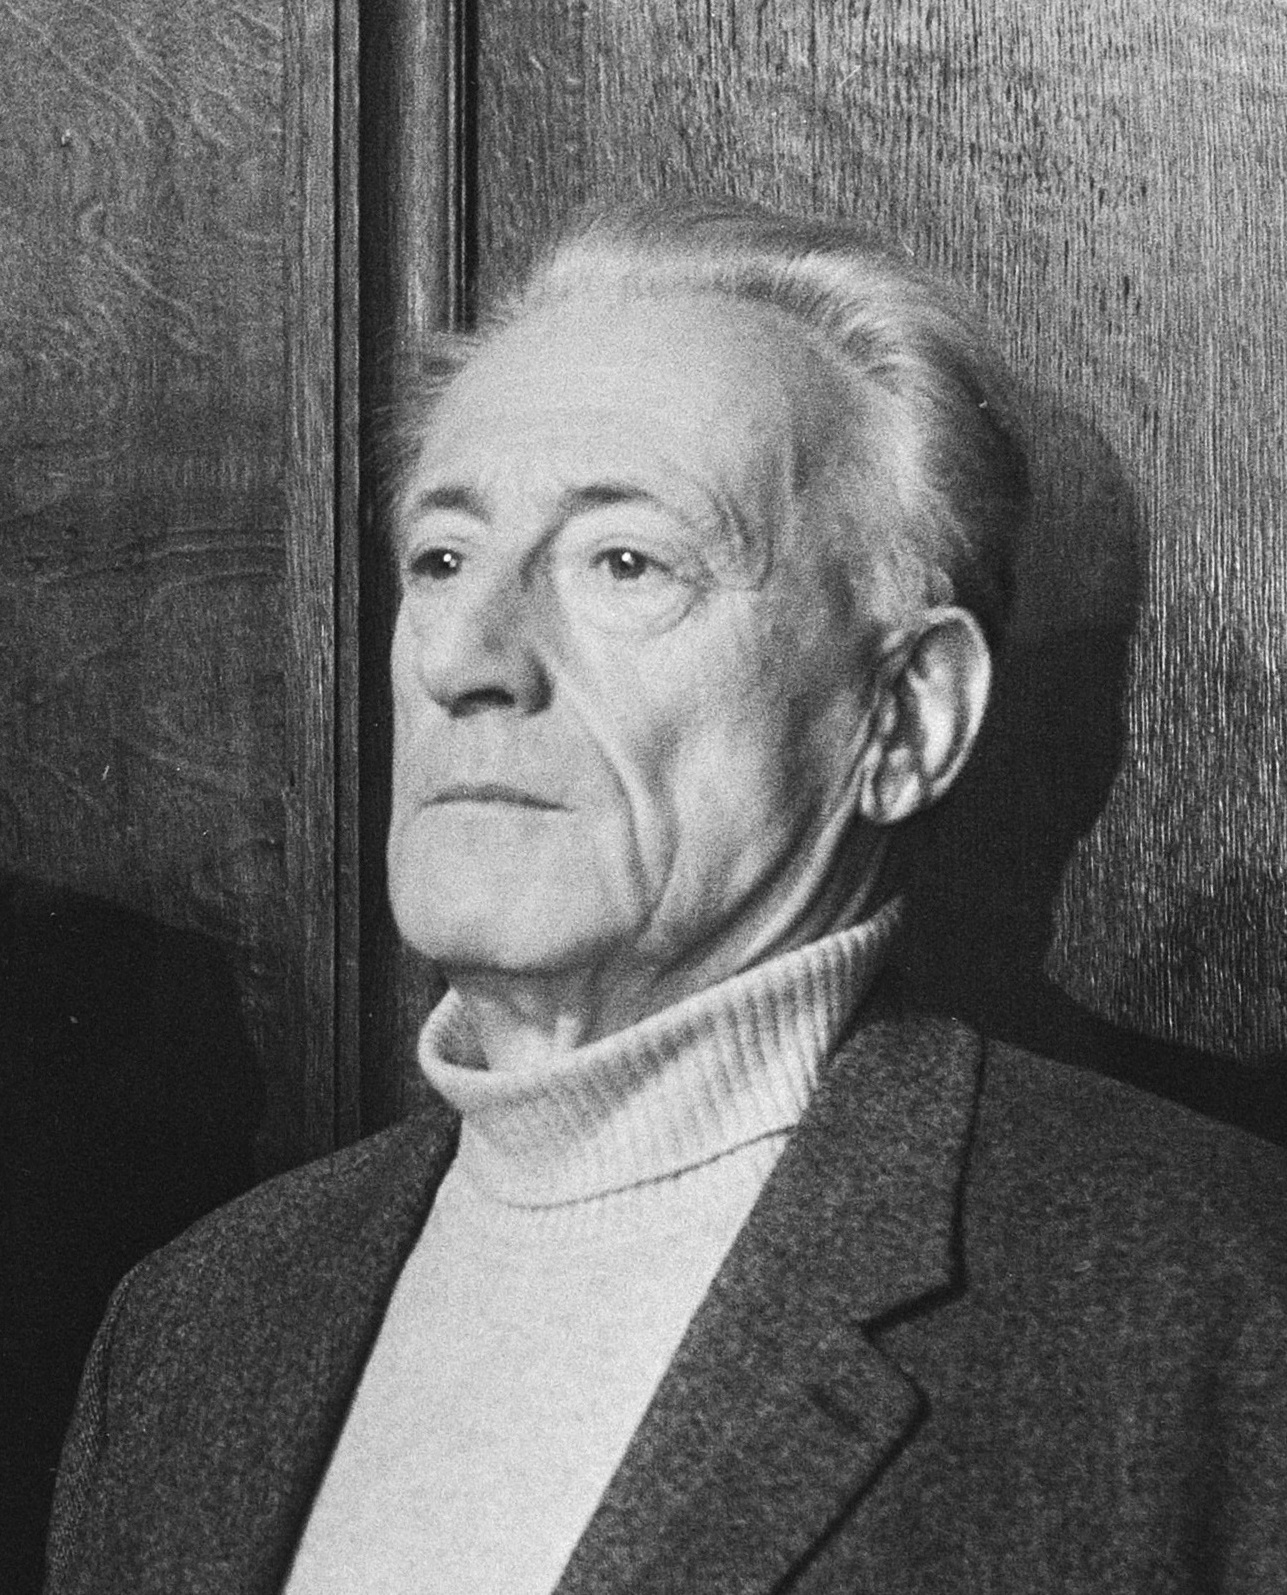 Depiction of Henri Lefebvre